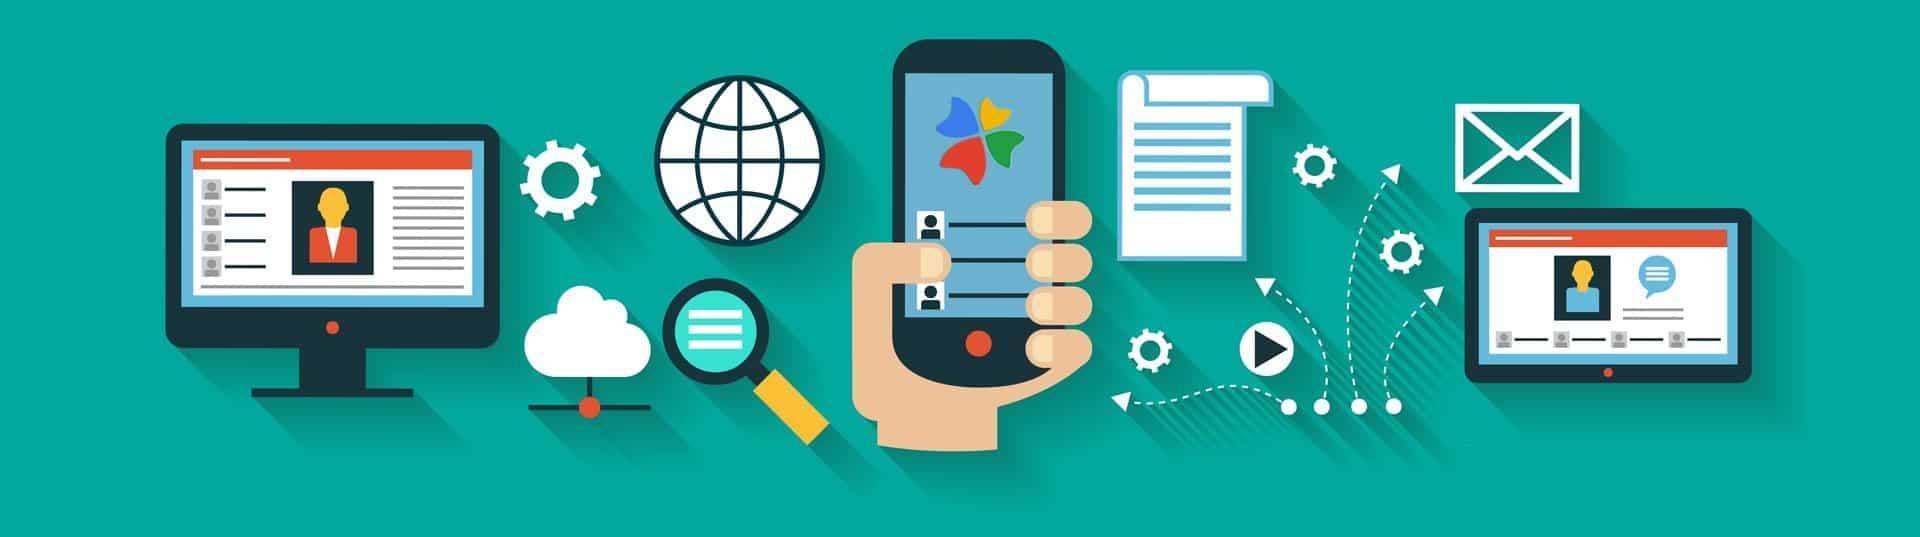 العناصر اللازمة لبناء موقع تجاري إلكتروني